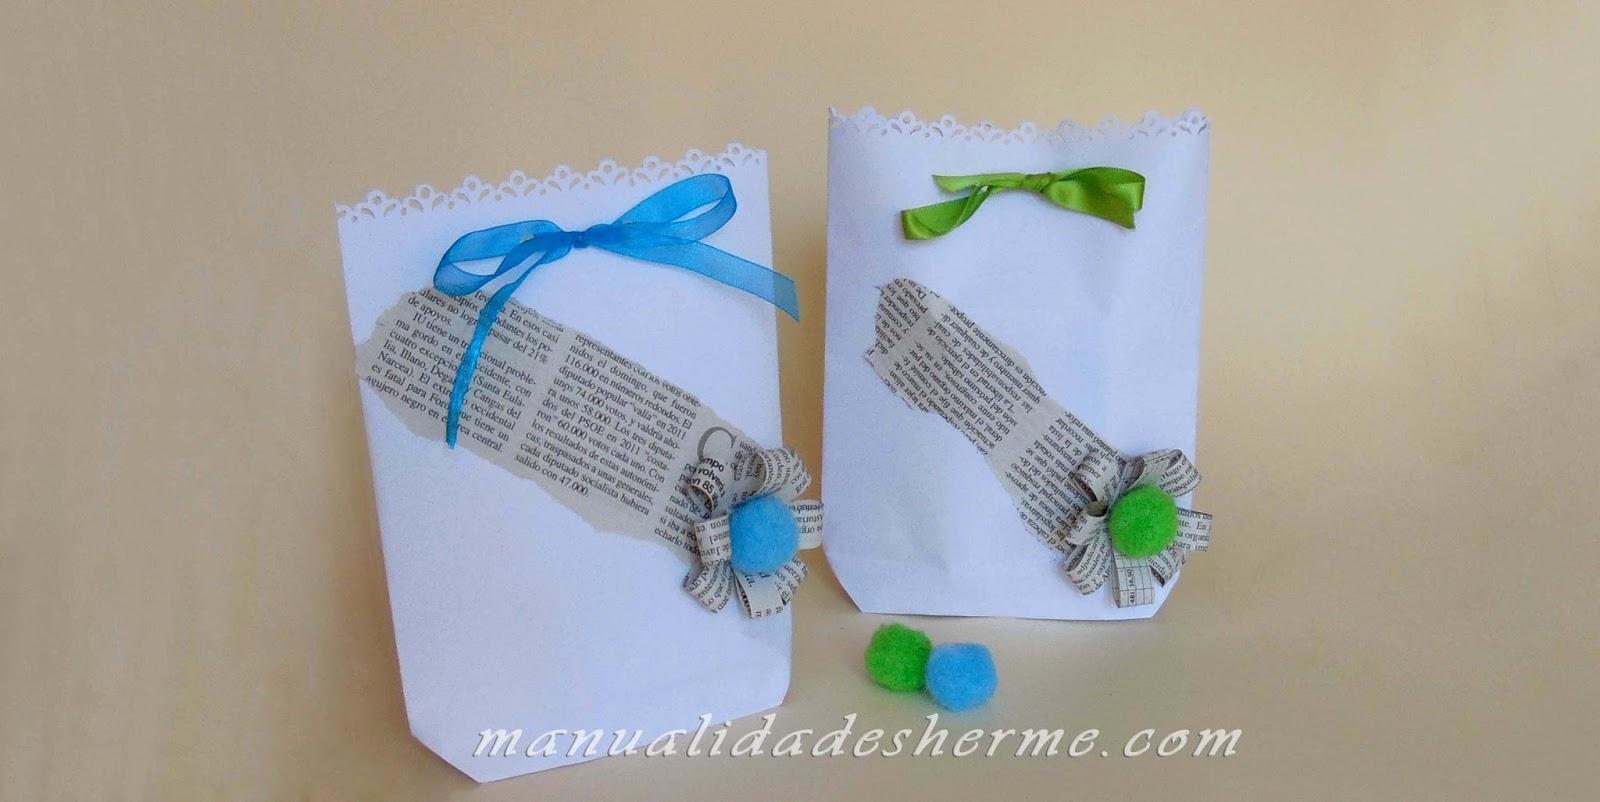 Manualidades herme como hacer bolsas de papel para regalo - Bolsa de papel para regalo ...